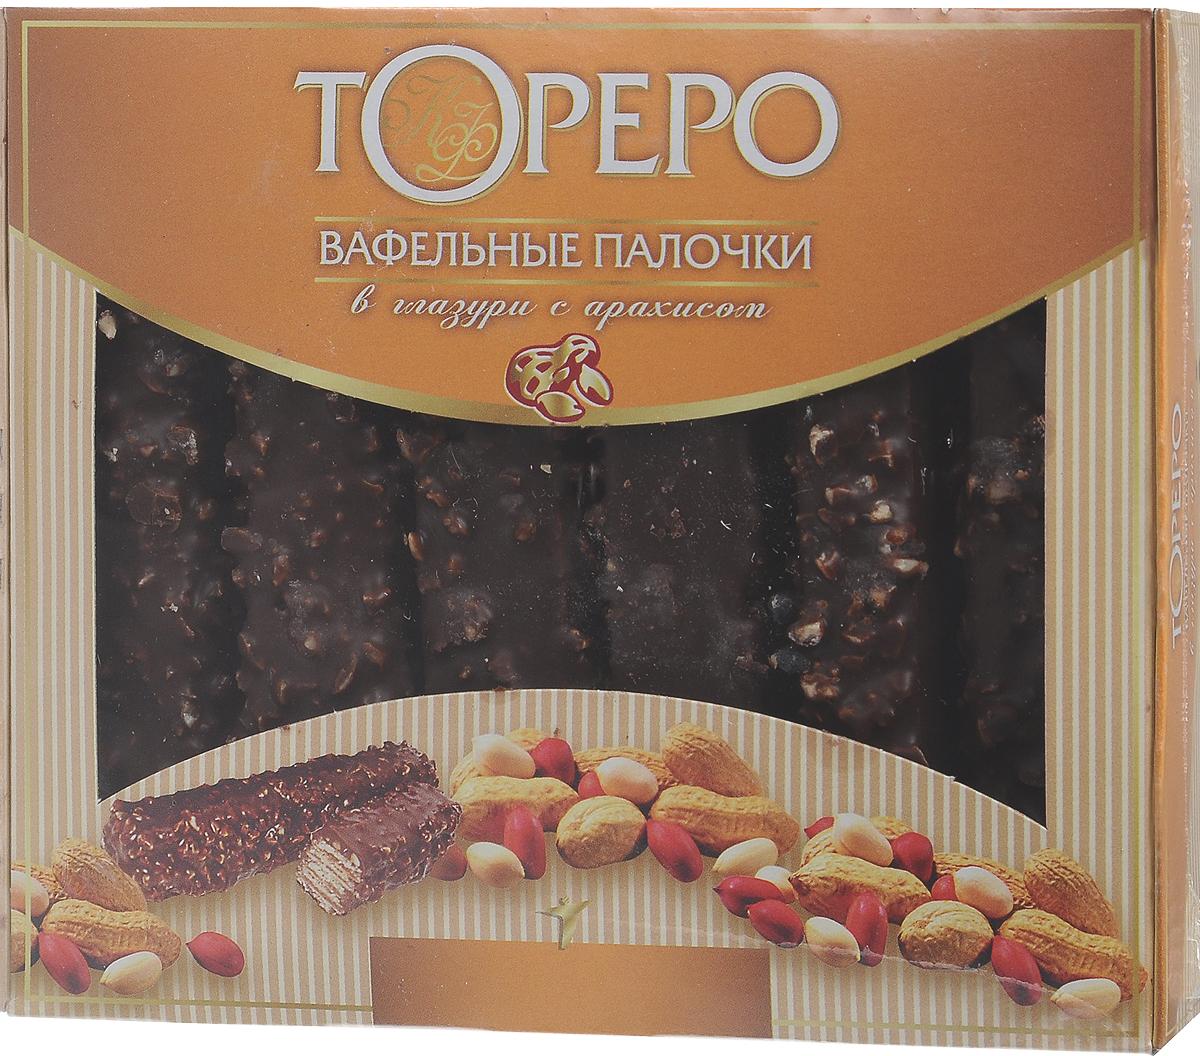 Тореро вафельные палочки в глазури с арахисом, в коробке, 220 г щербет аль араби мягкий с арахисом 280г